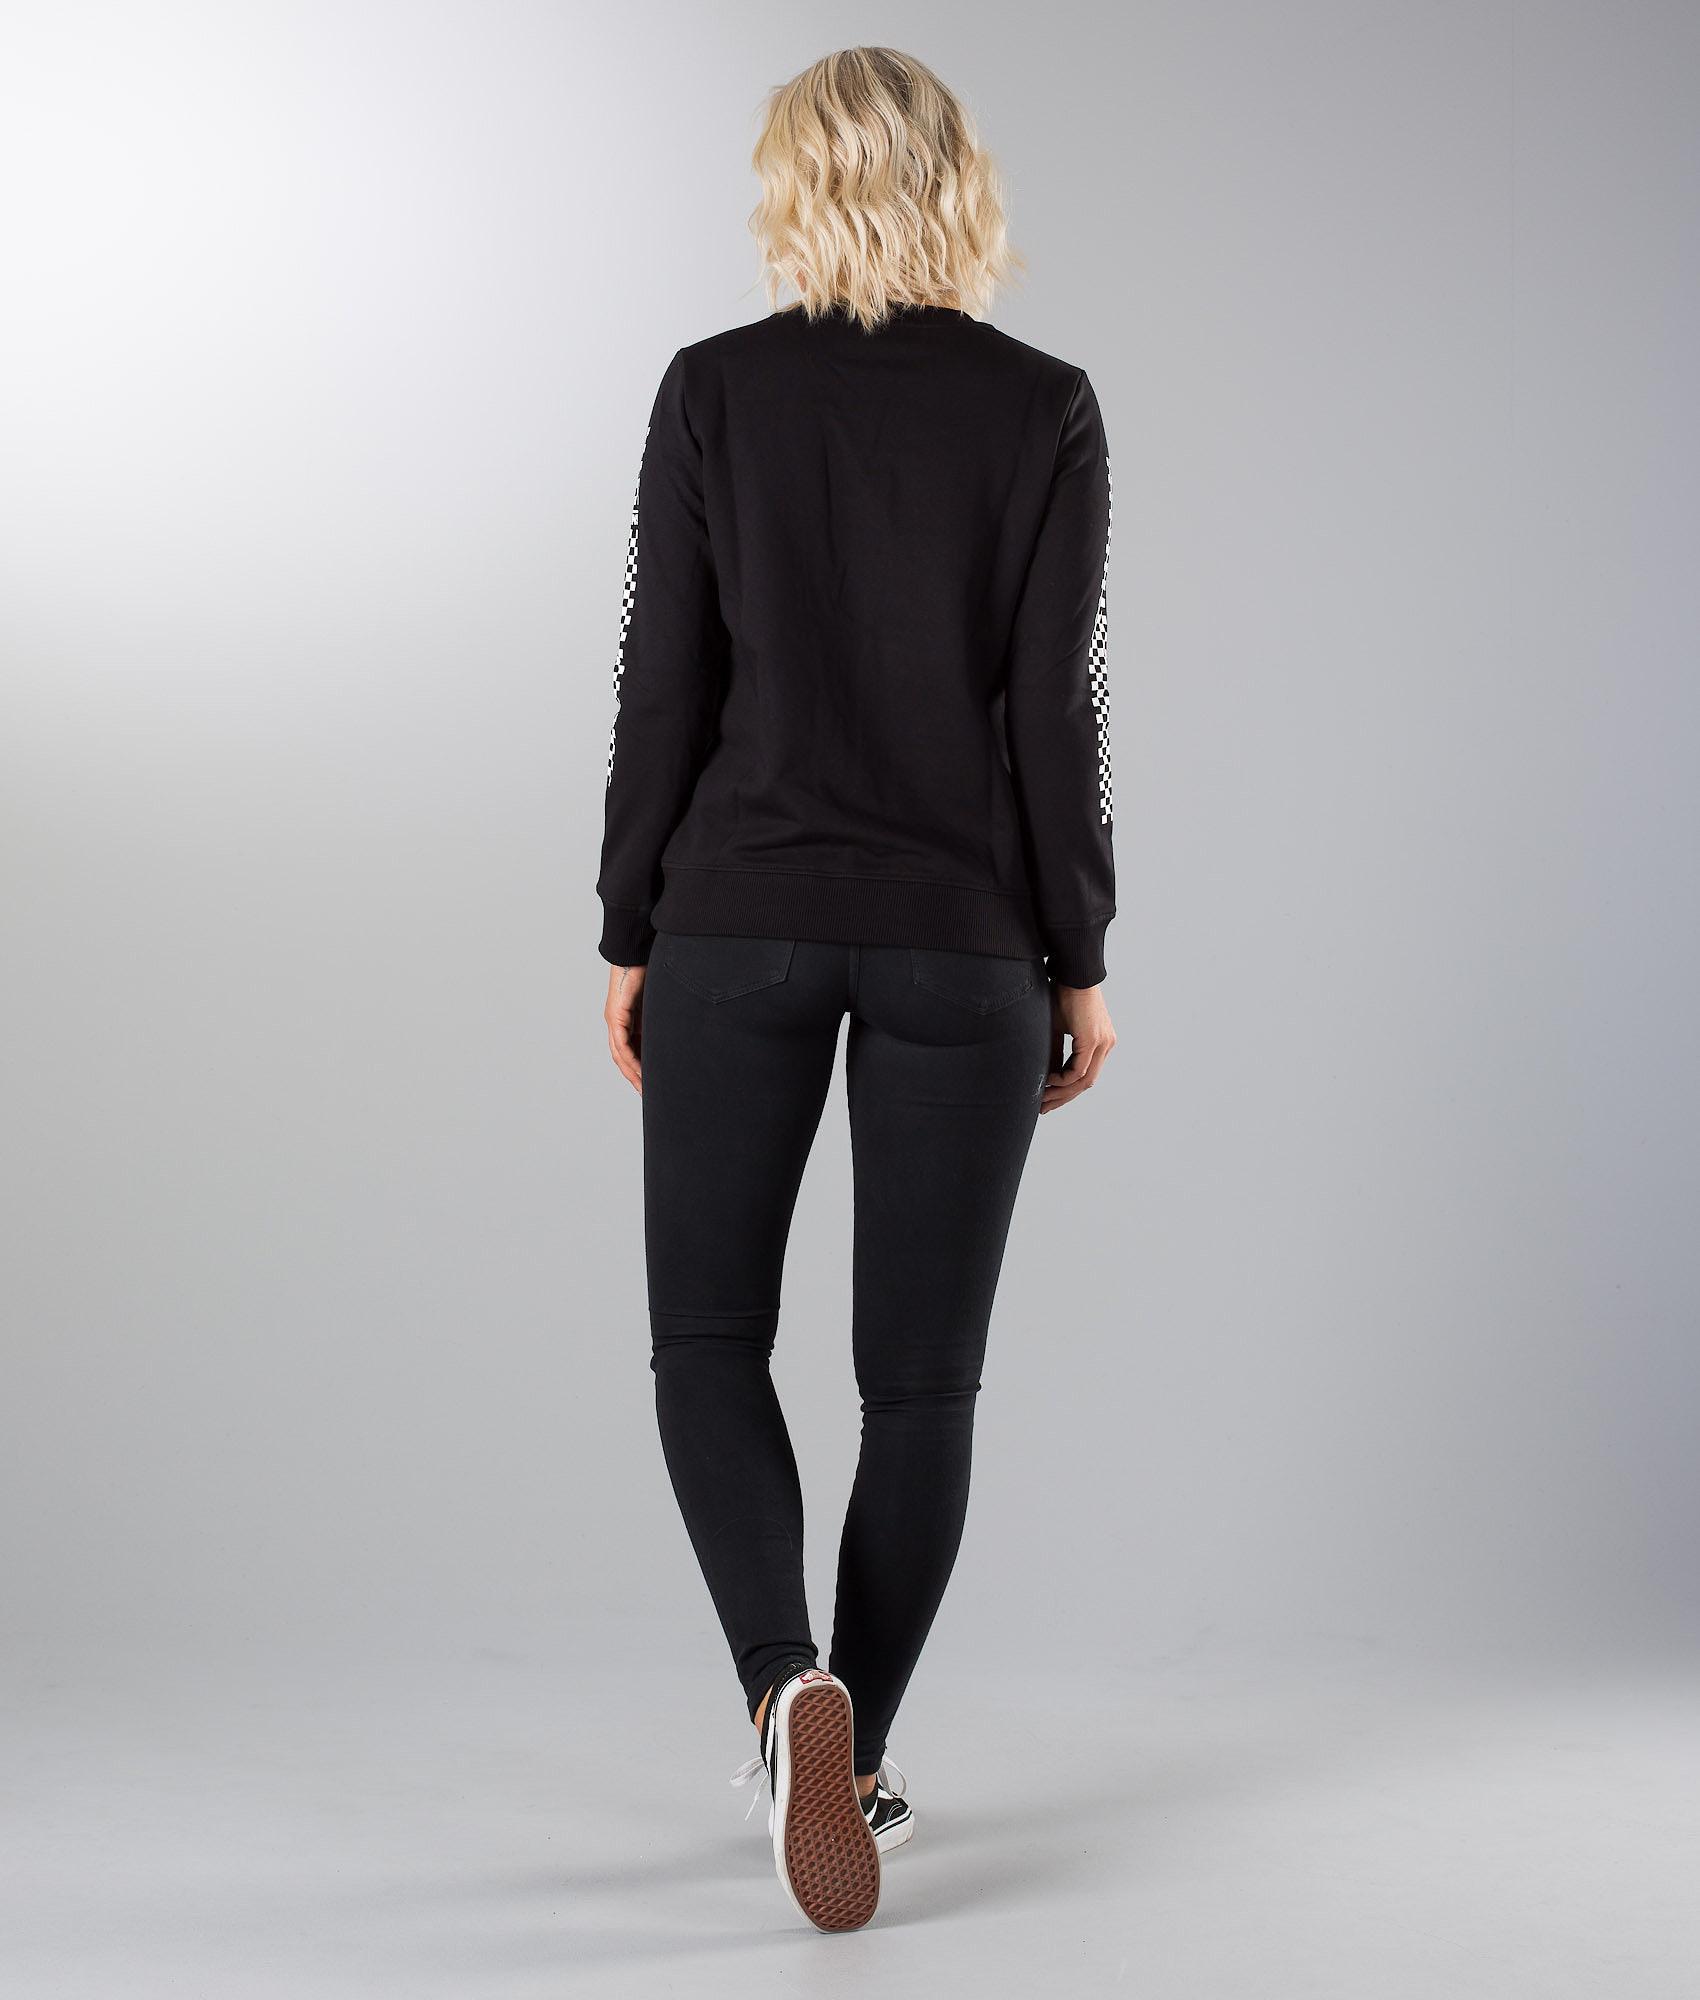 d0b4e3ecf6ea Vans Funday Sweater Black - Ridestore.com